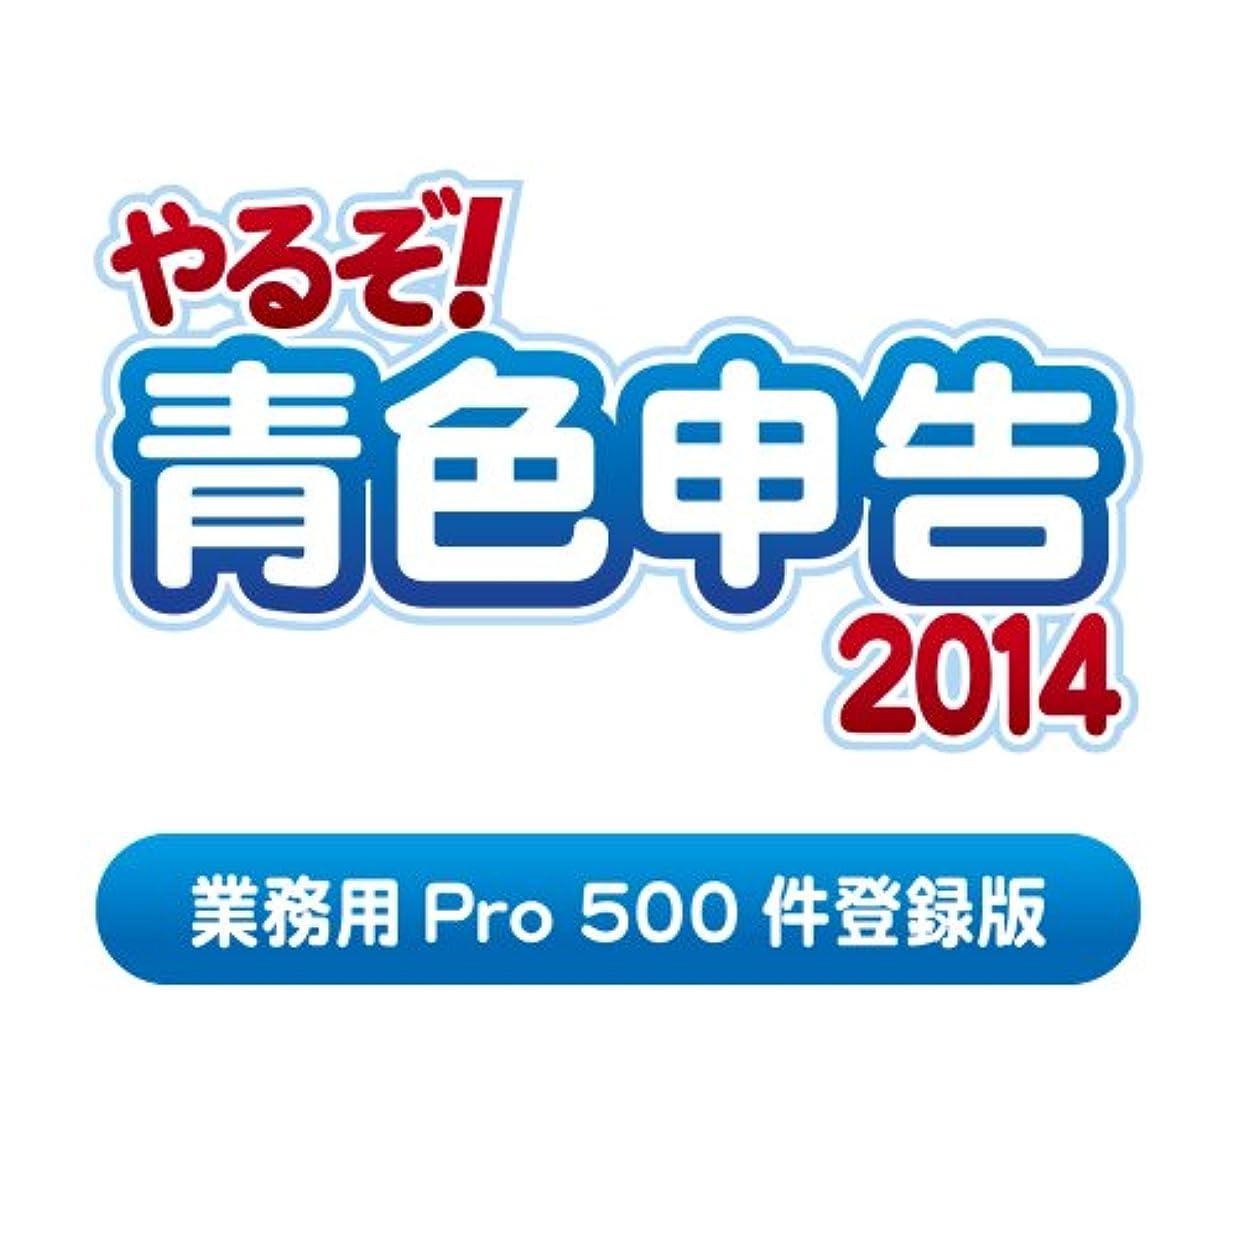 徴収粘液スキャンやるぞ! 青色申告2014 業務用Pro 500件登録版  for Win&Mac